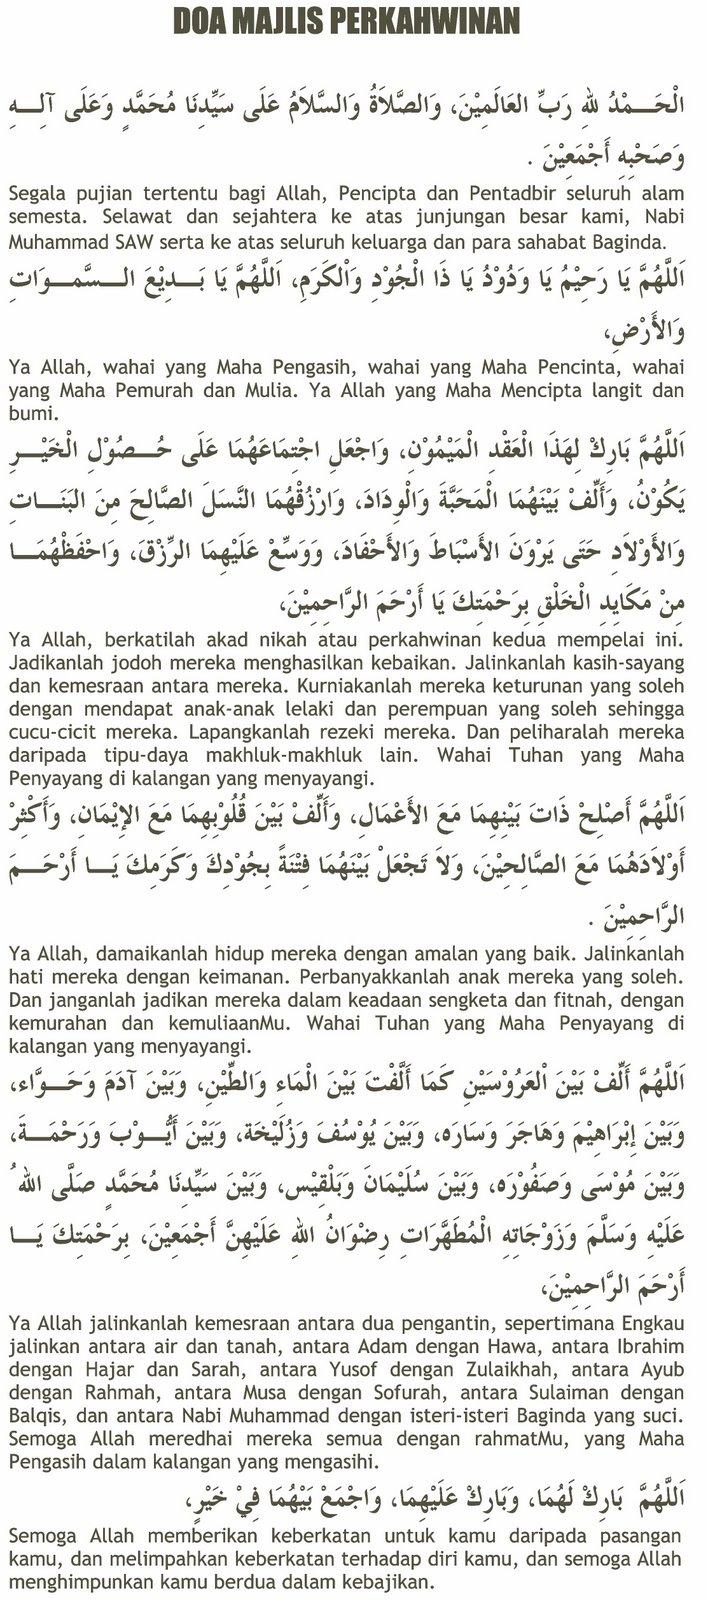 Terbaru 33 Doa Majlis Perkahwinan